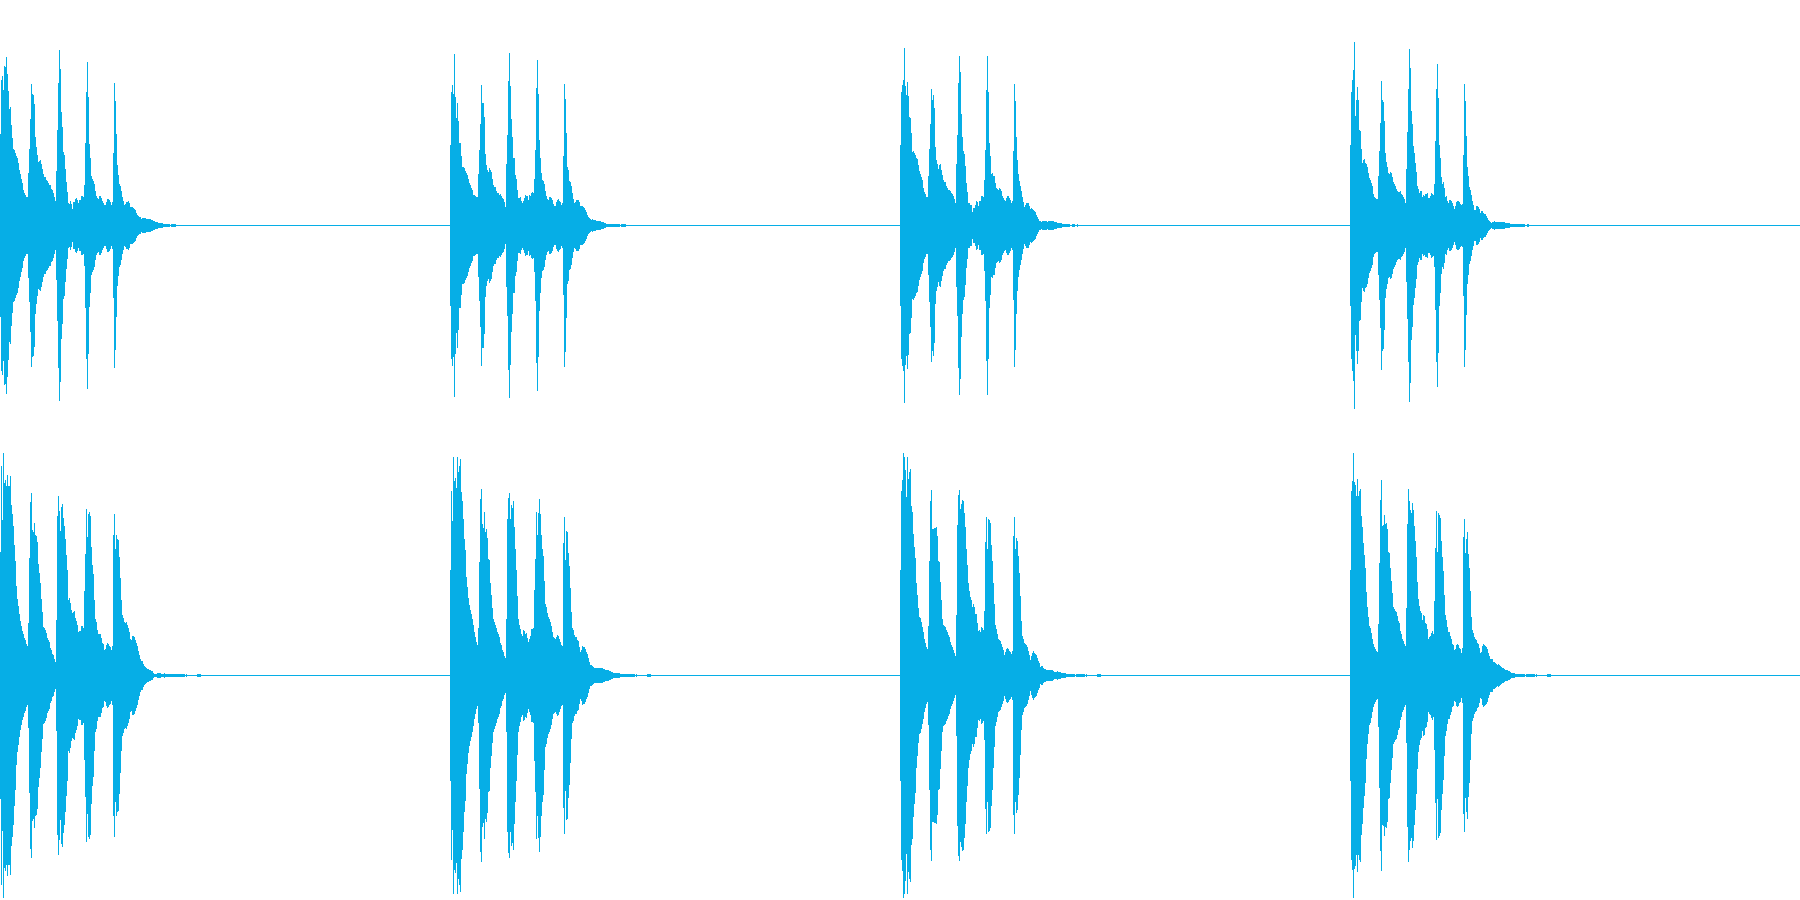 シンプル ベル 着信音 チャイム C19の再生済みの波形